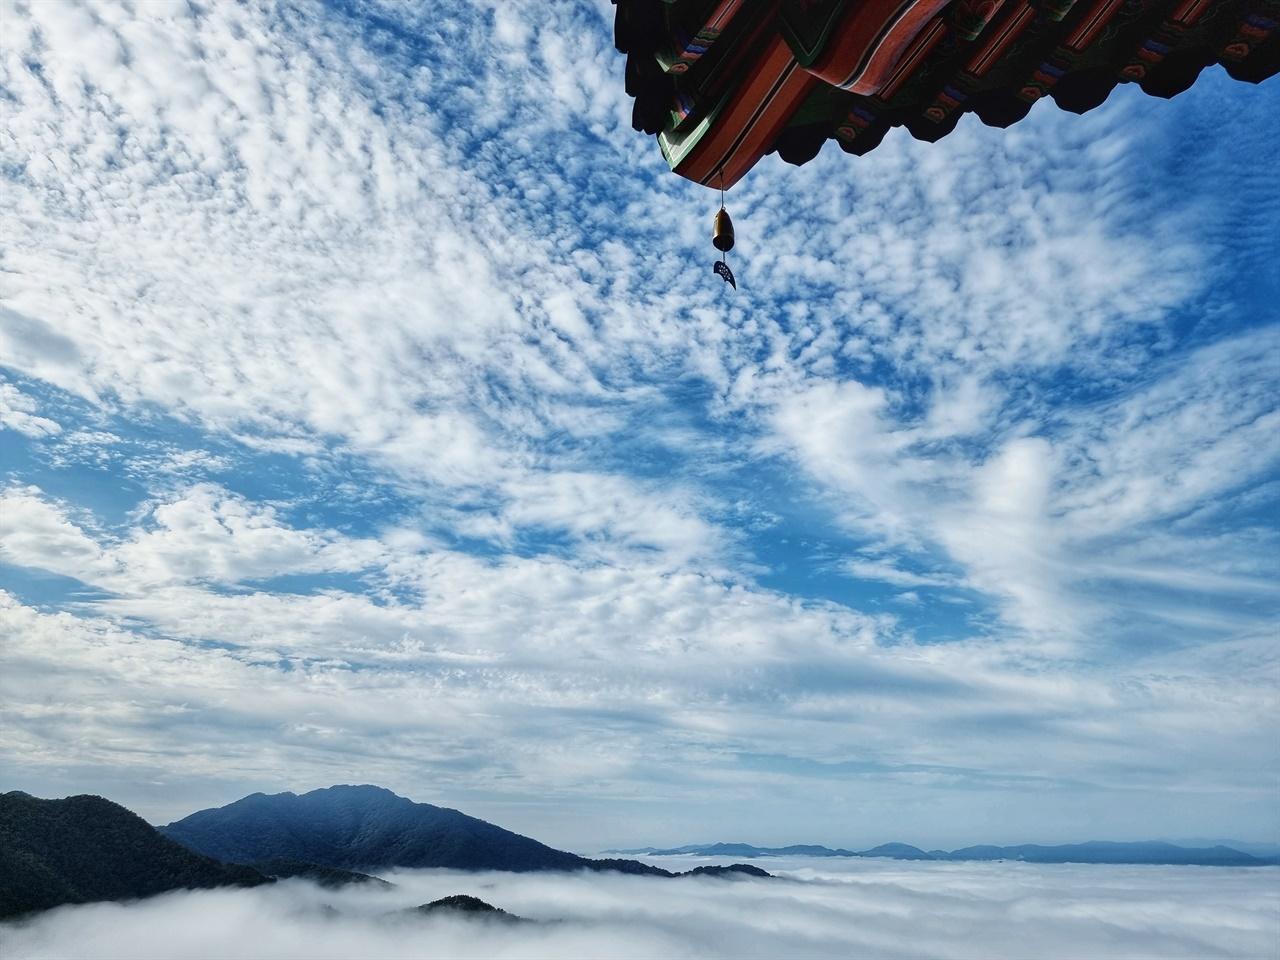 유리광전 아래로 펼쳐진 구름 바다